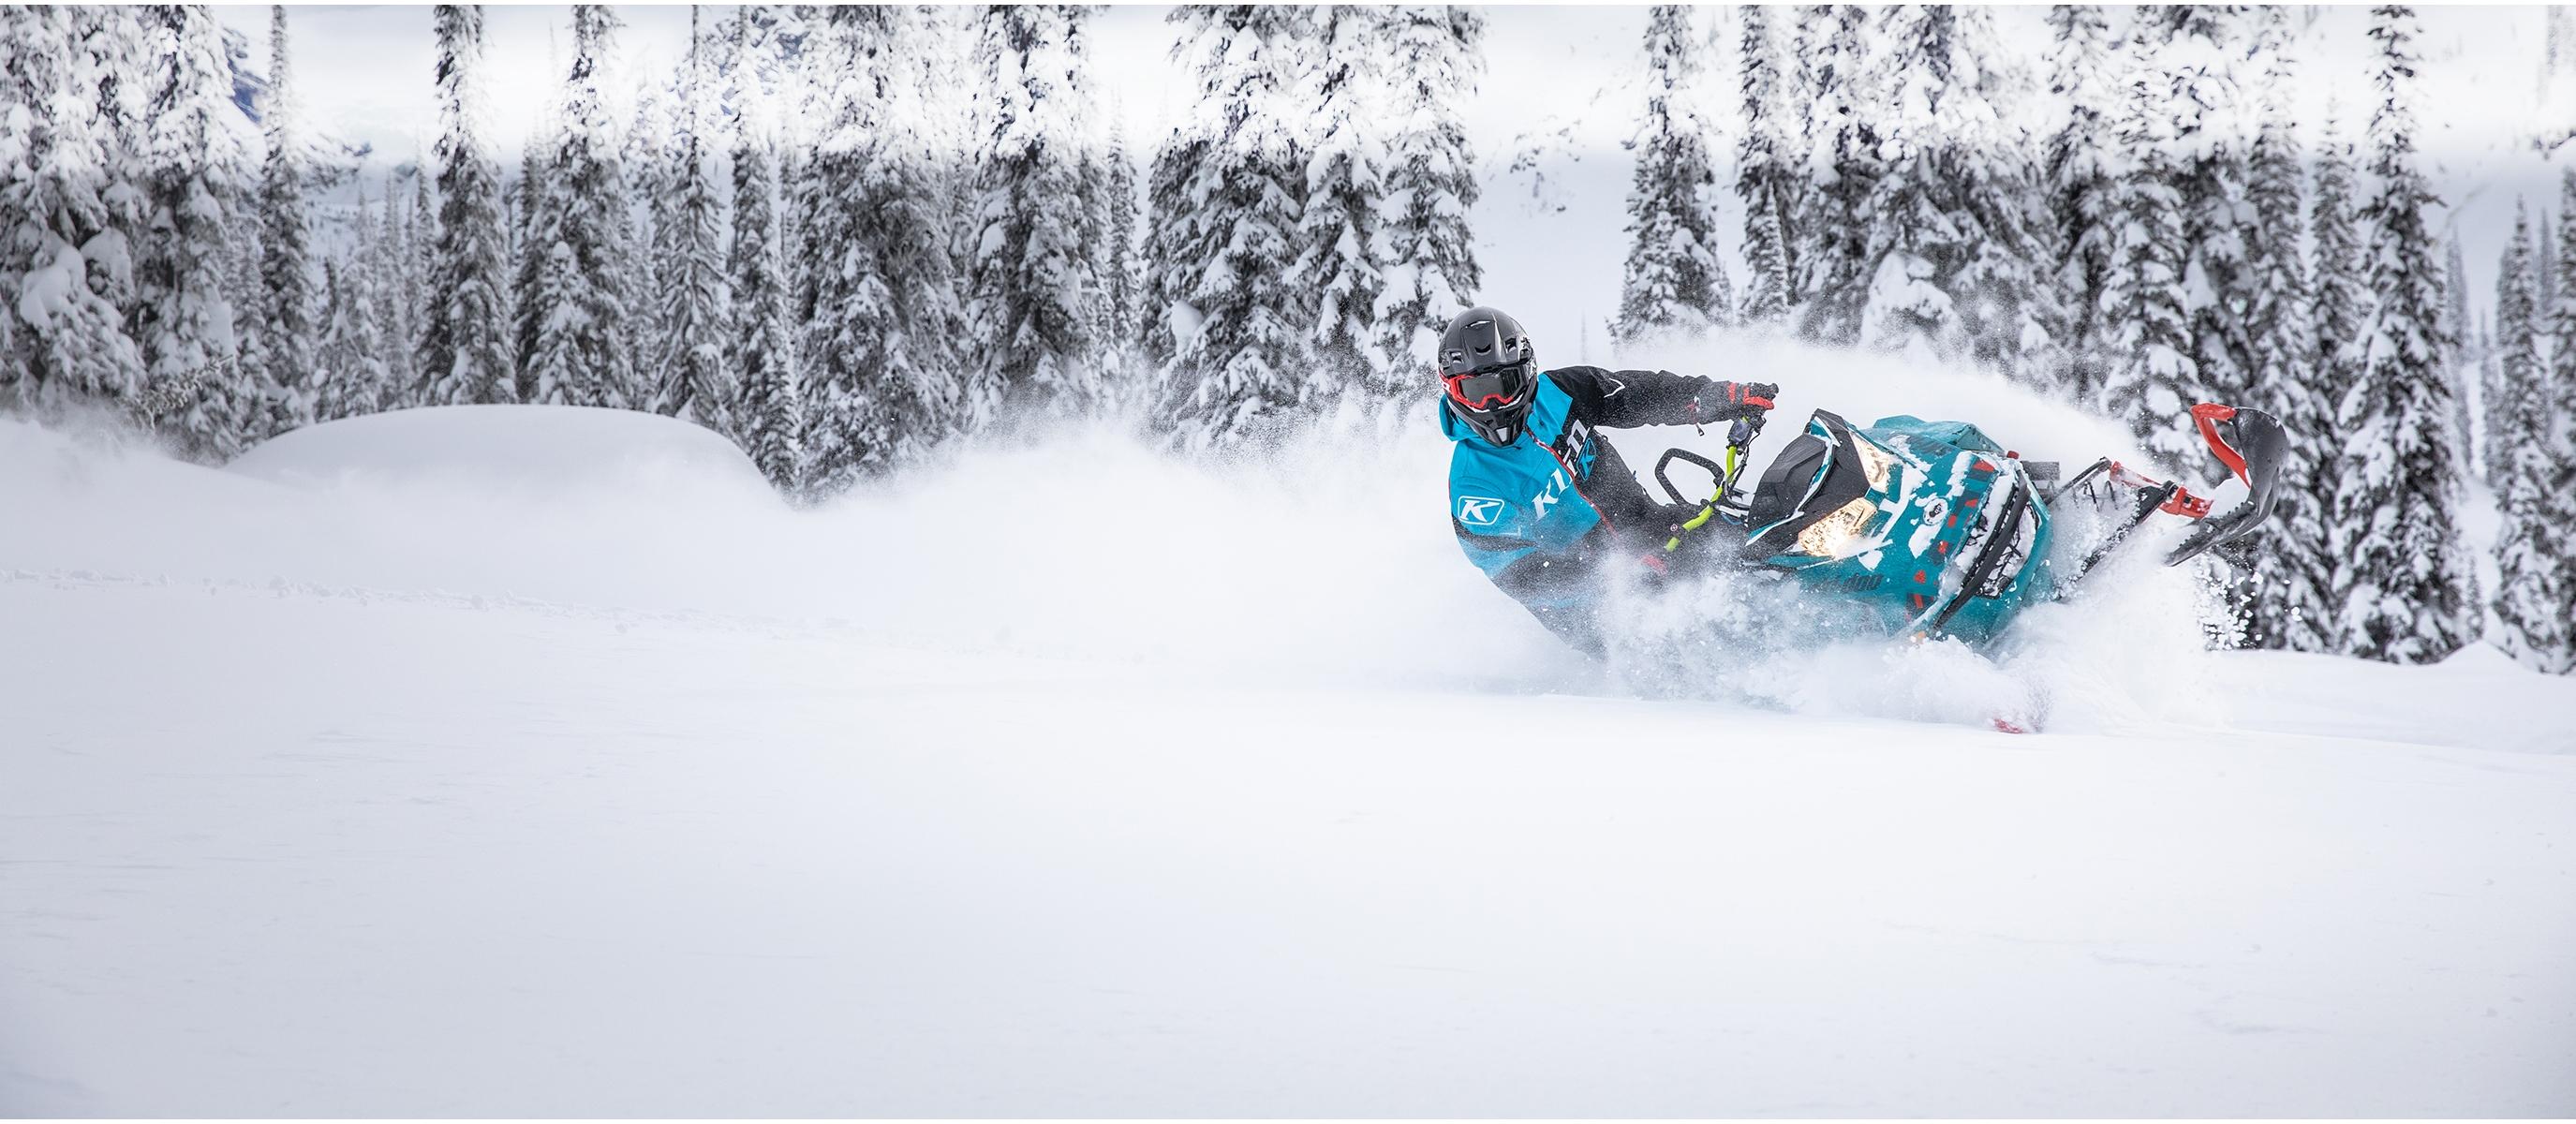 Запчасти BRP Ski-doo Lynx